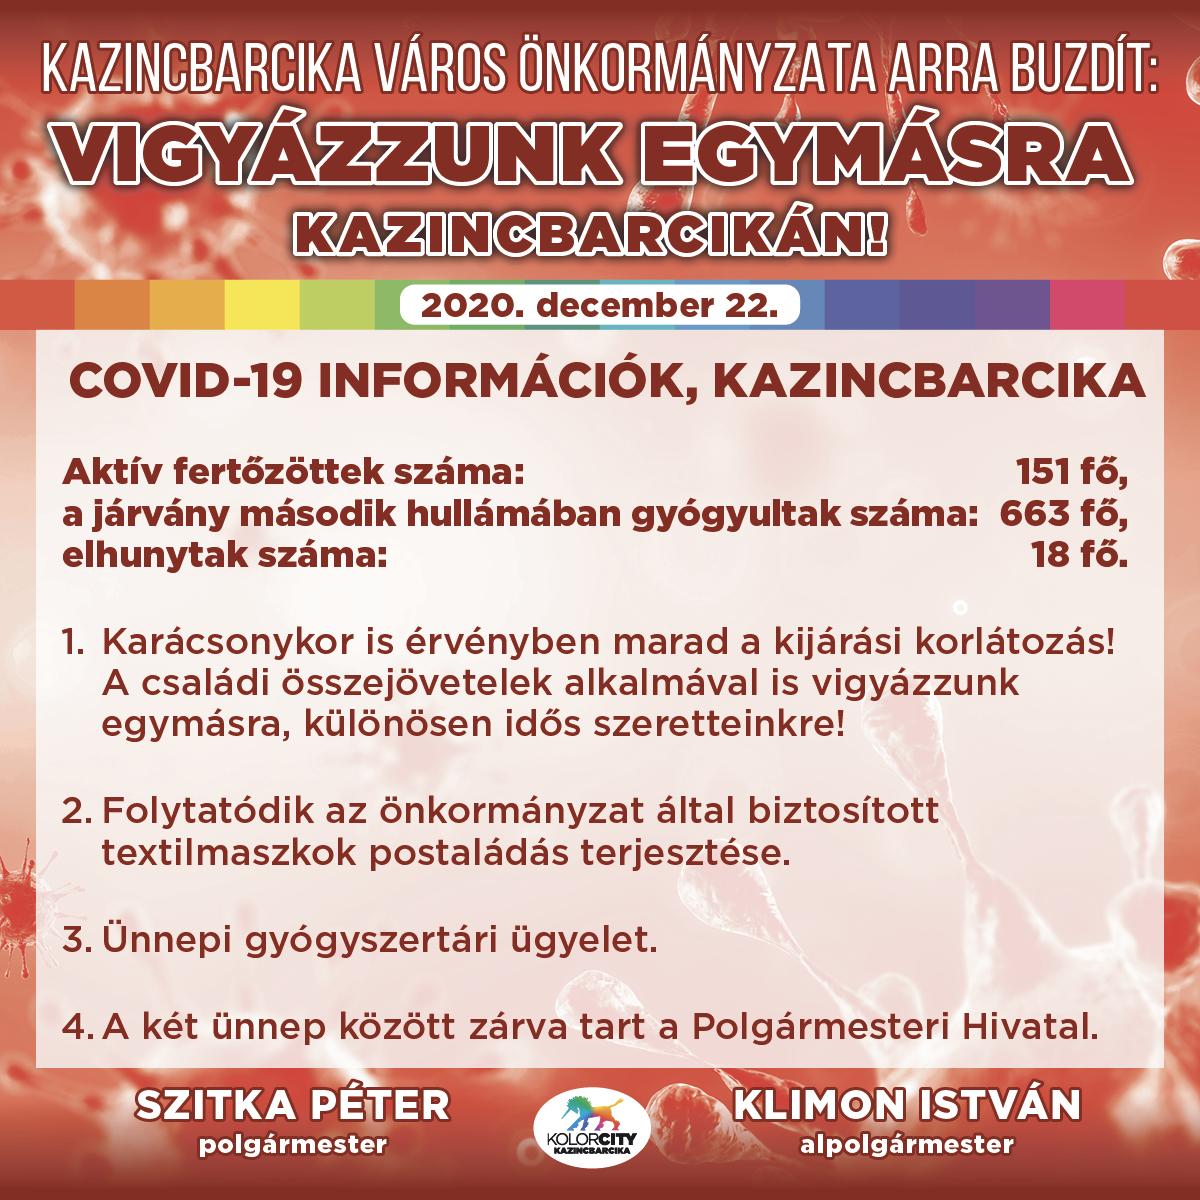 https://kolorline.hu/Vigyázzunk egymásra Kazincbarcikán! – 2020. december 22.